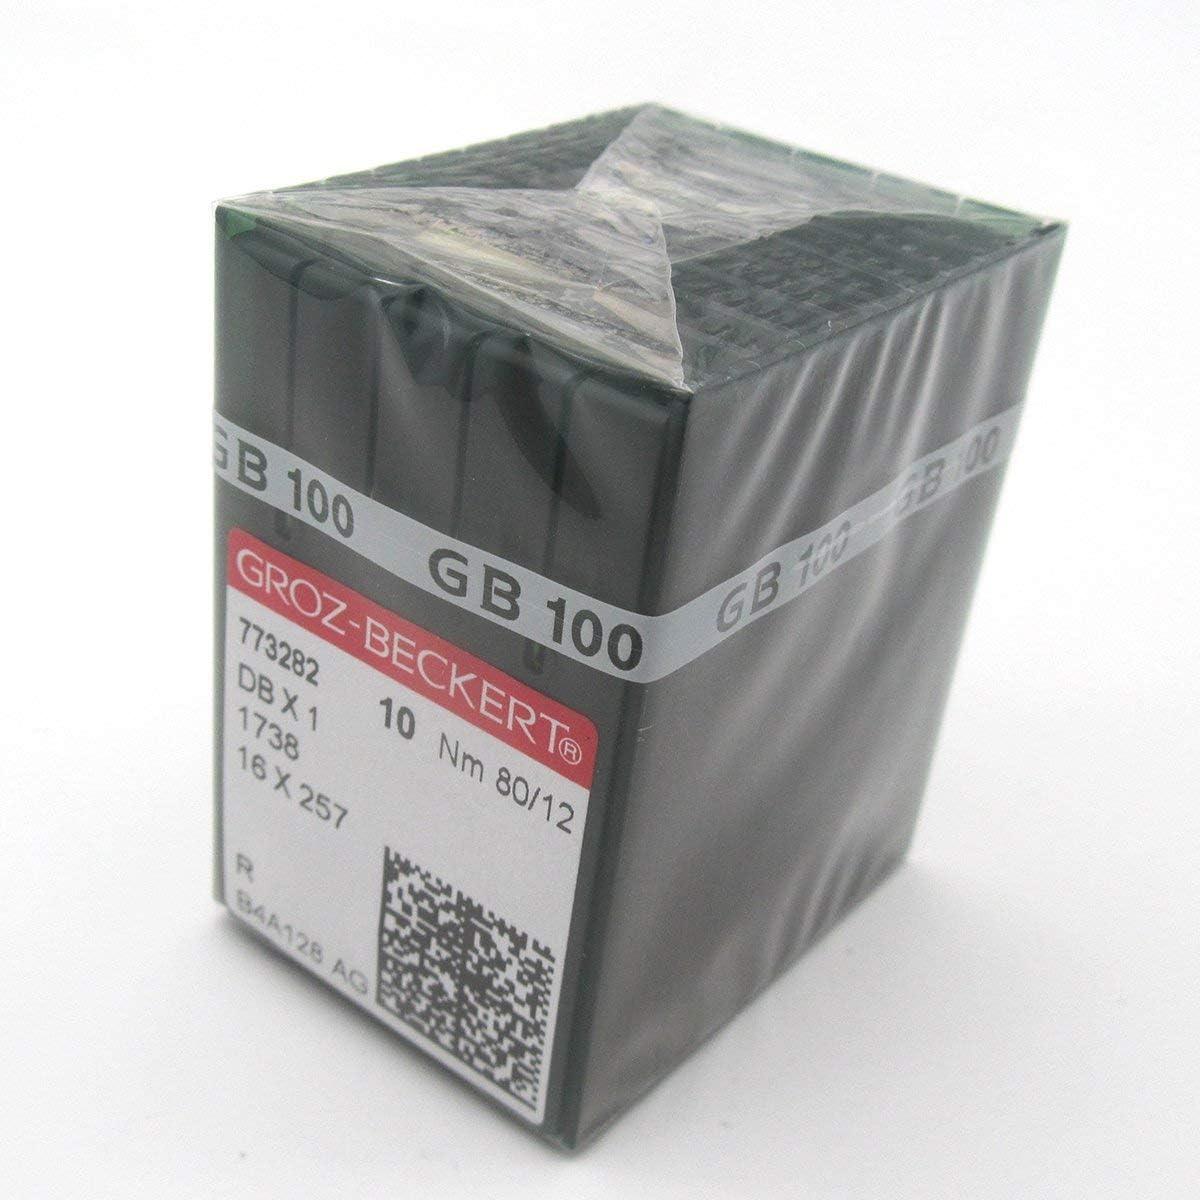 Amazon.com: kunpeng – 100pcs Groz BECKERT DBX1, 1738 16 x ...